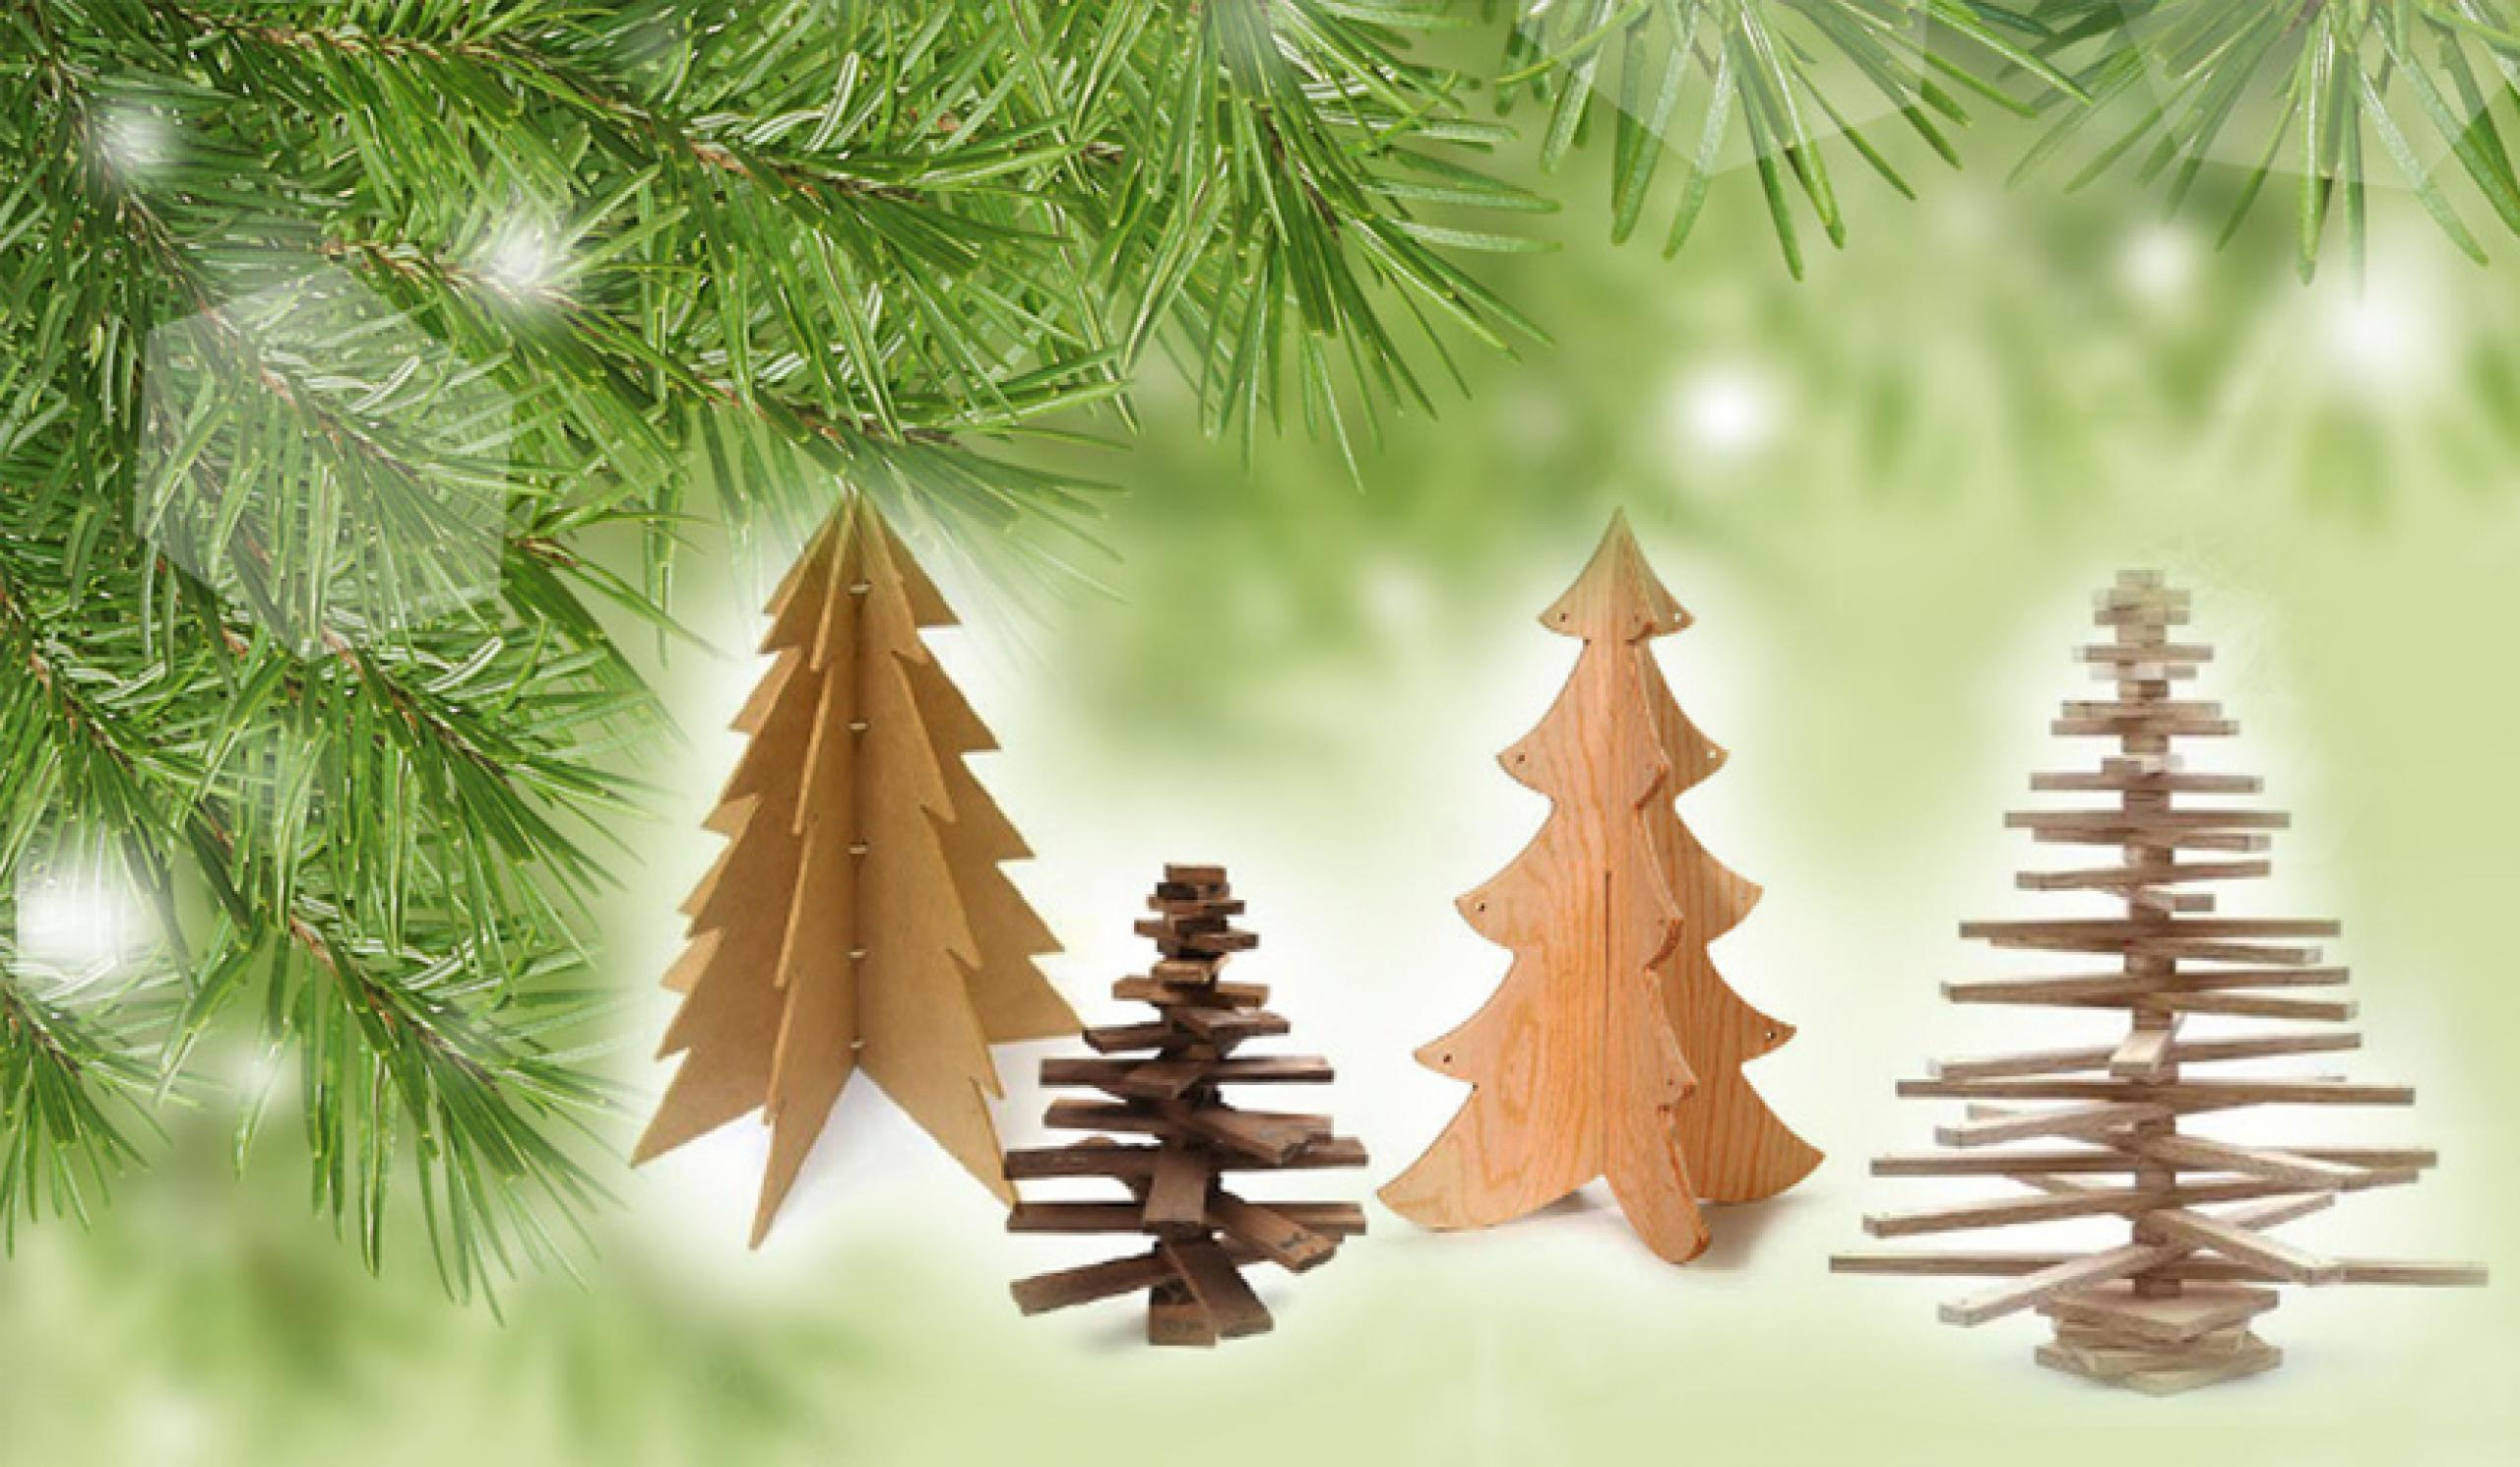 Byg et juletræ af træ